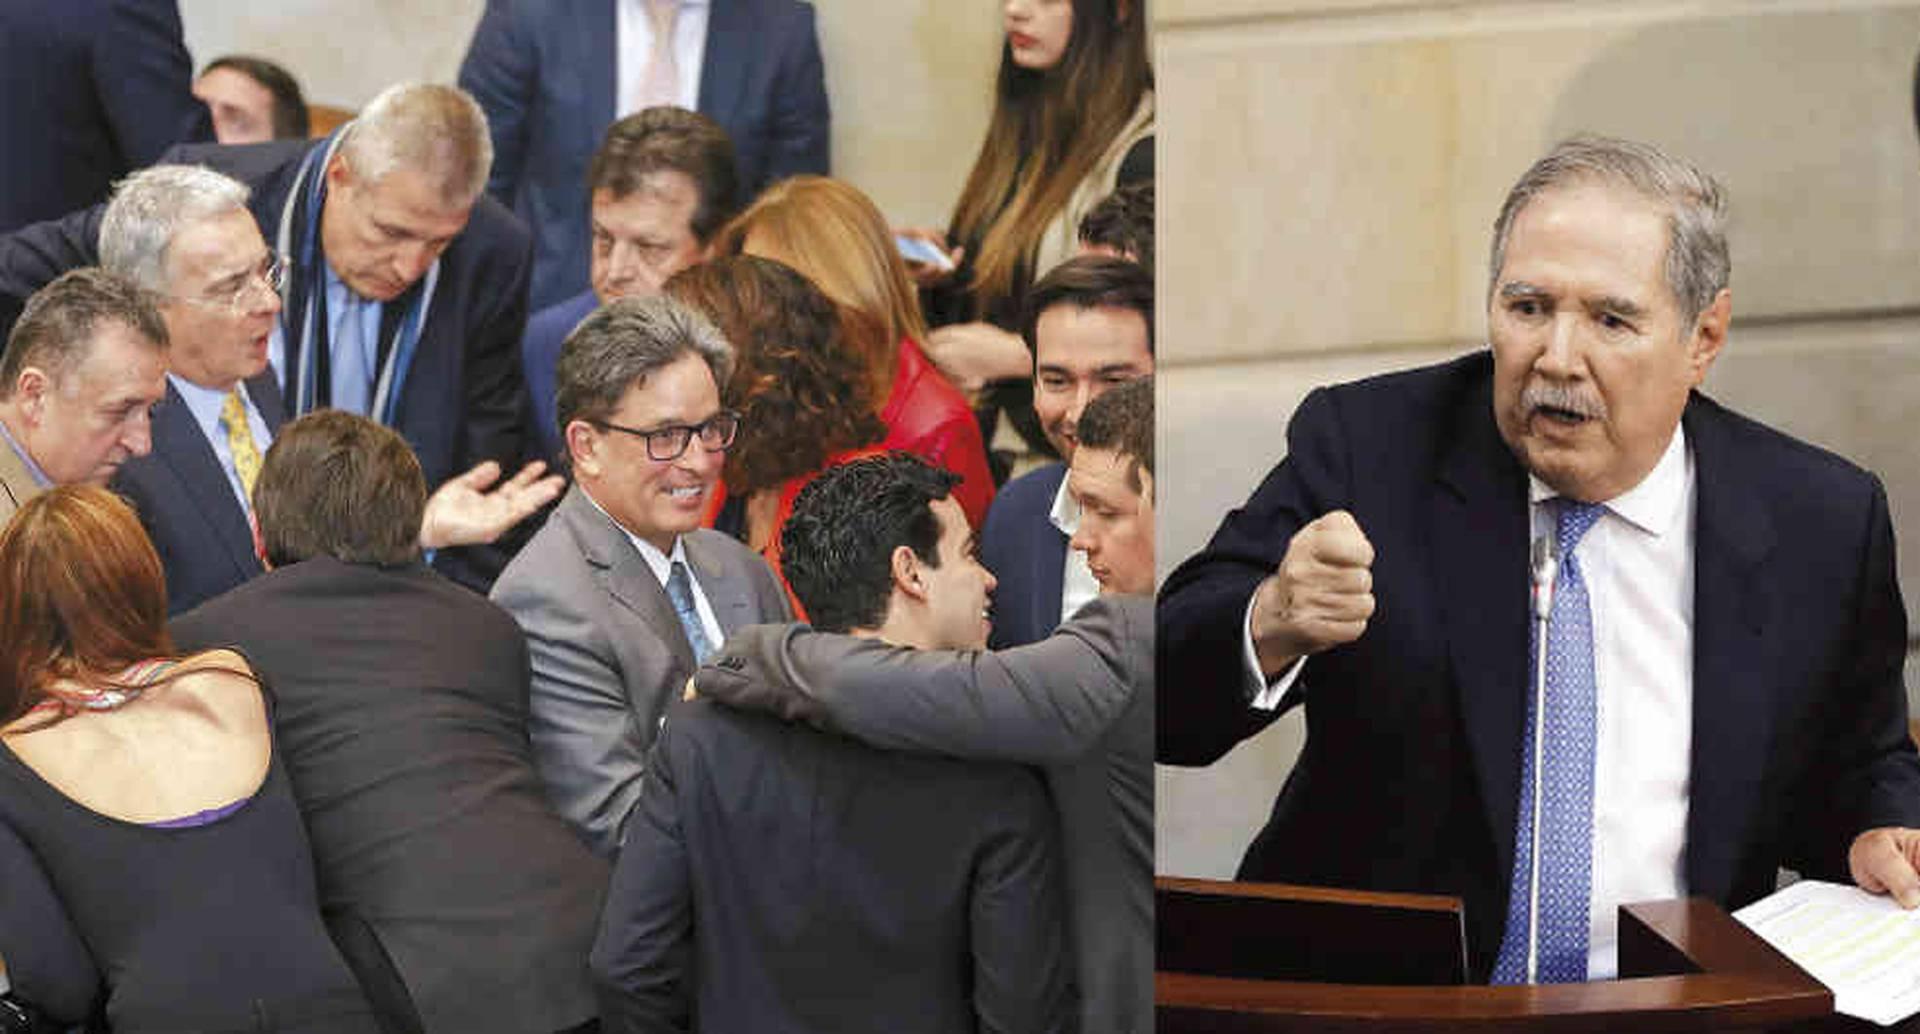 El ministro Carrasquilla demostró que puede sacar adelante iniciativas impopulares en el Congreso. El de Defensa, Guillermo Botero, salió en una moción de censura.